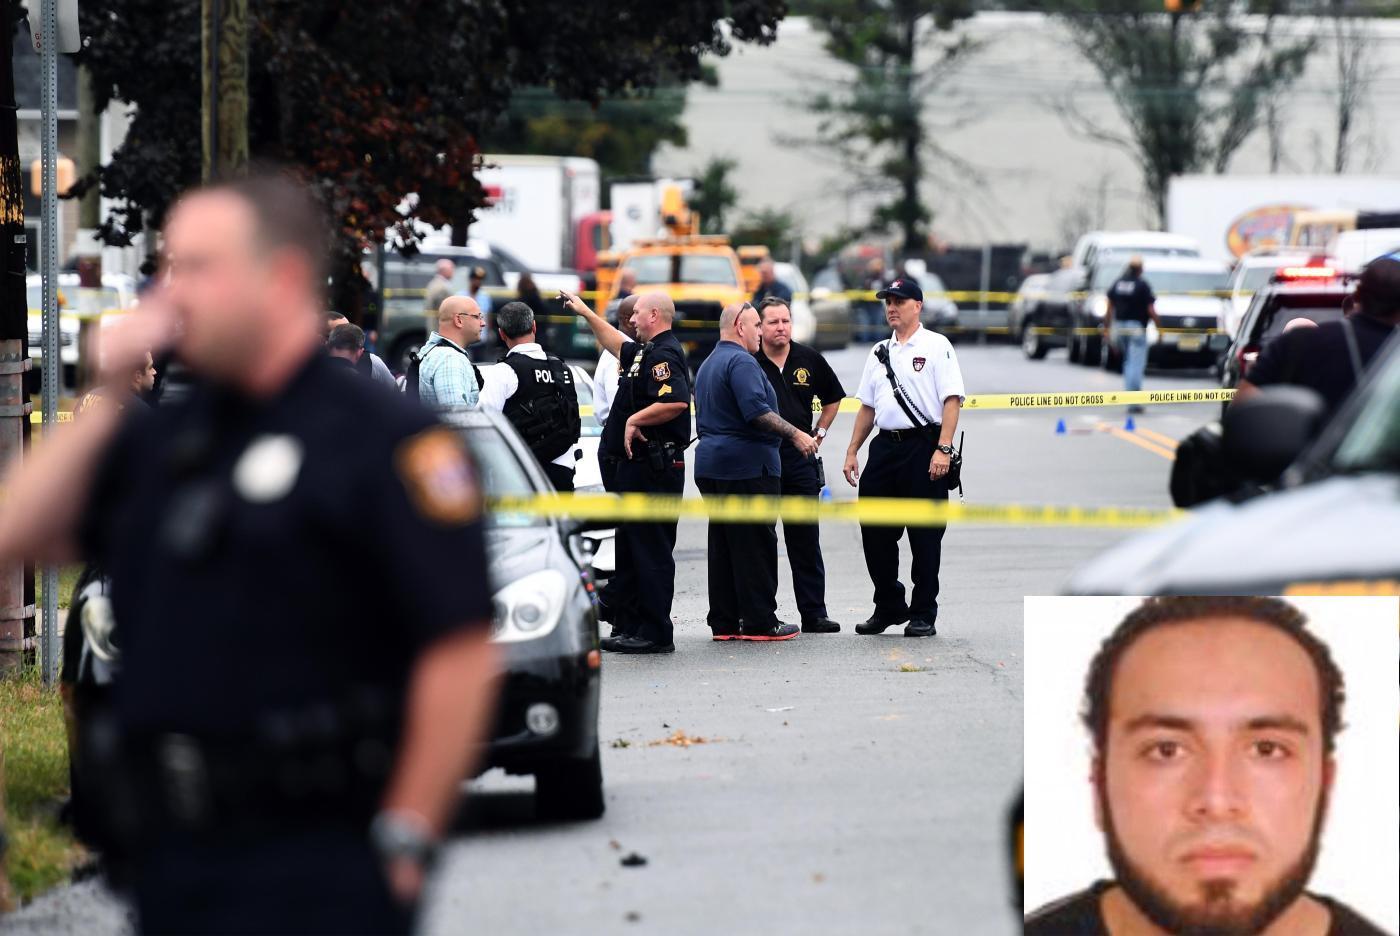 Attacchi in Usa, Rahami inneggiava a Bin Laden: comprò su eBay il materiale per le bombe